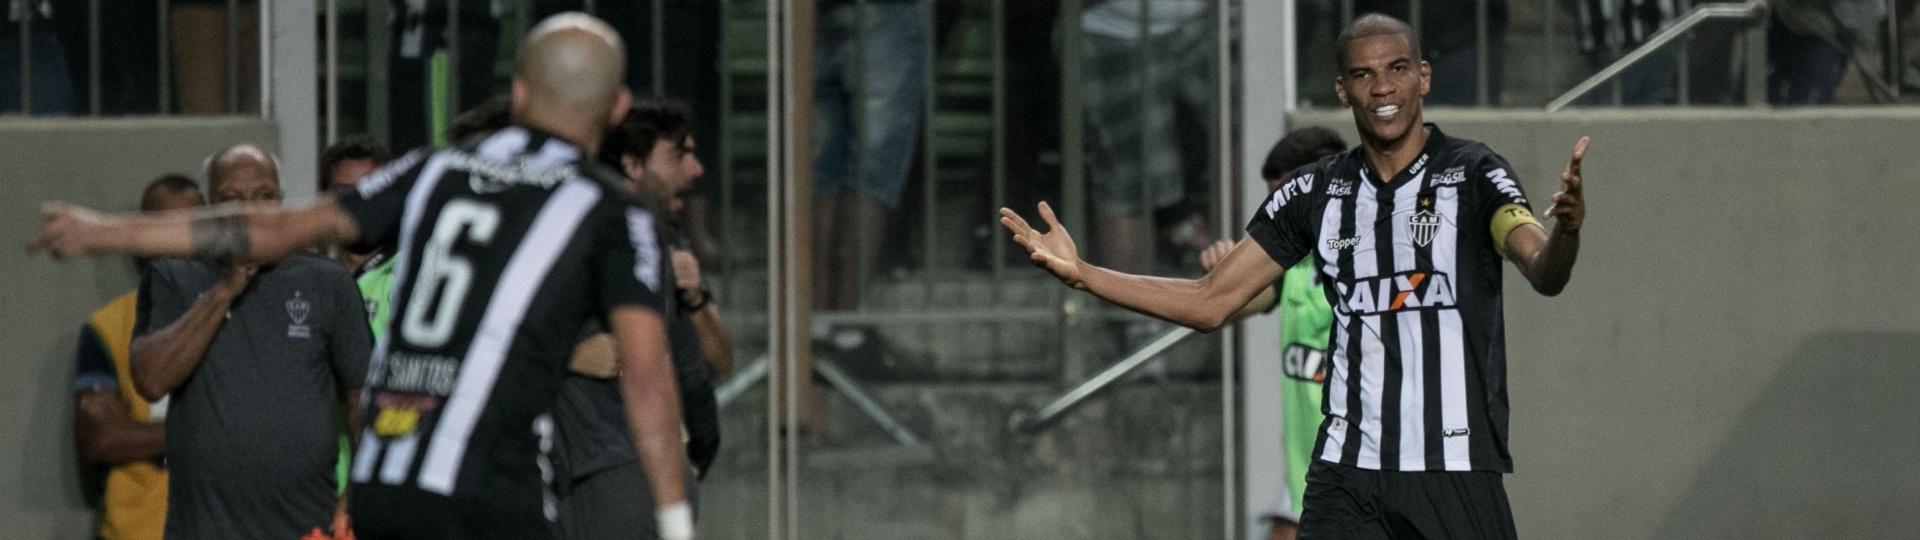 Leonardo Silva, zagueiro do Atlético-MG, comemora gol contra o Atlético-PR